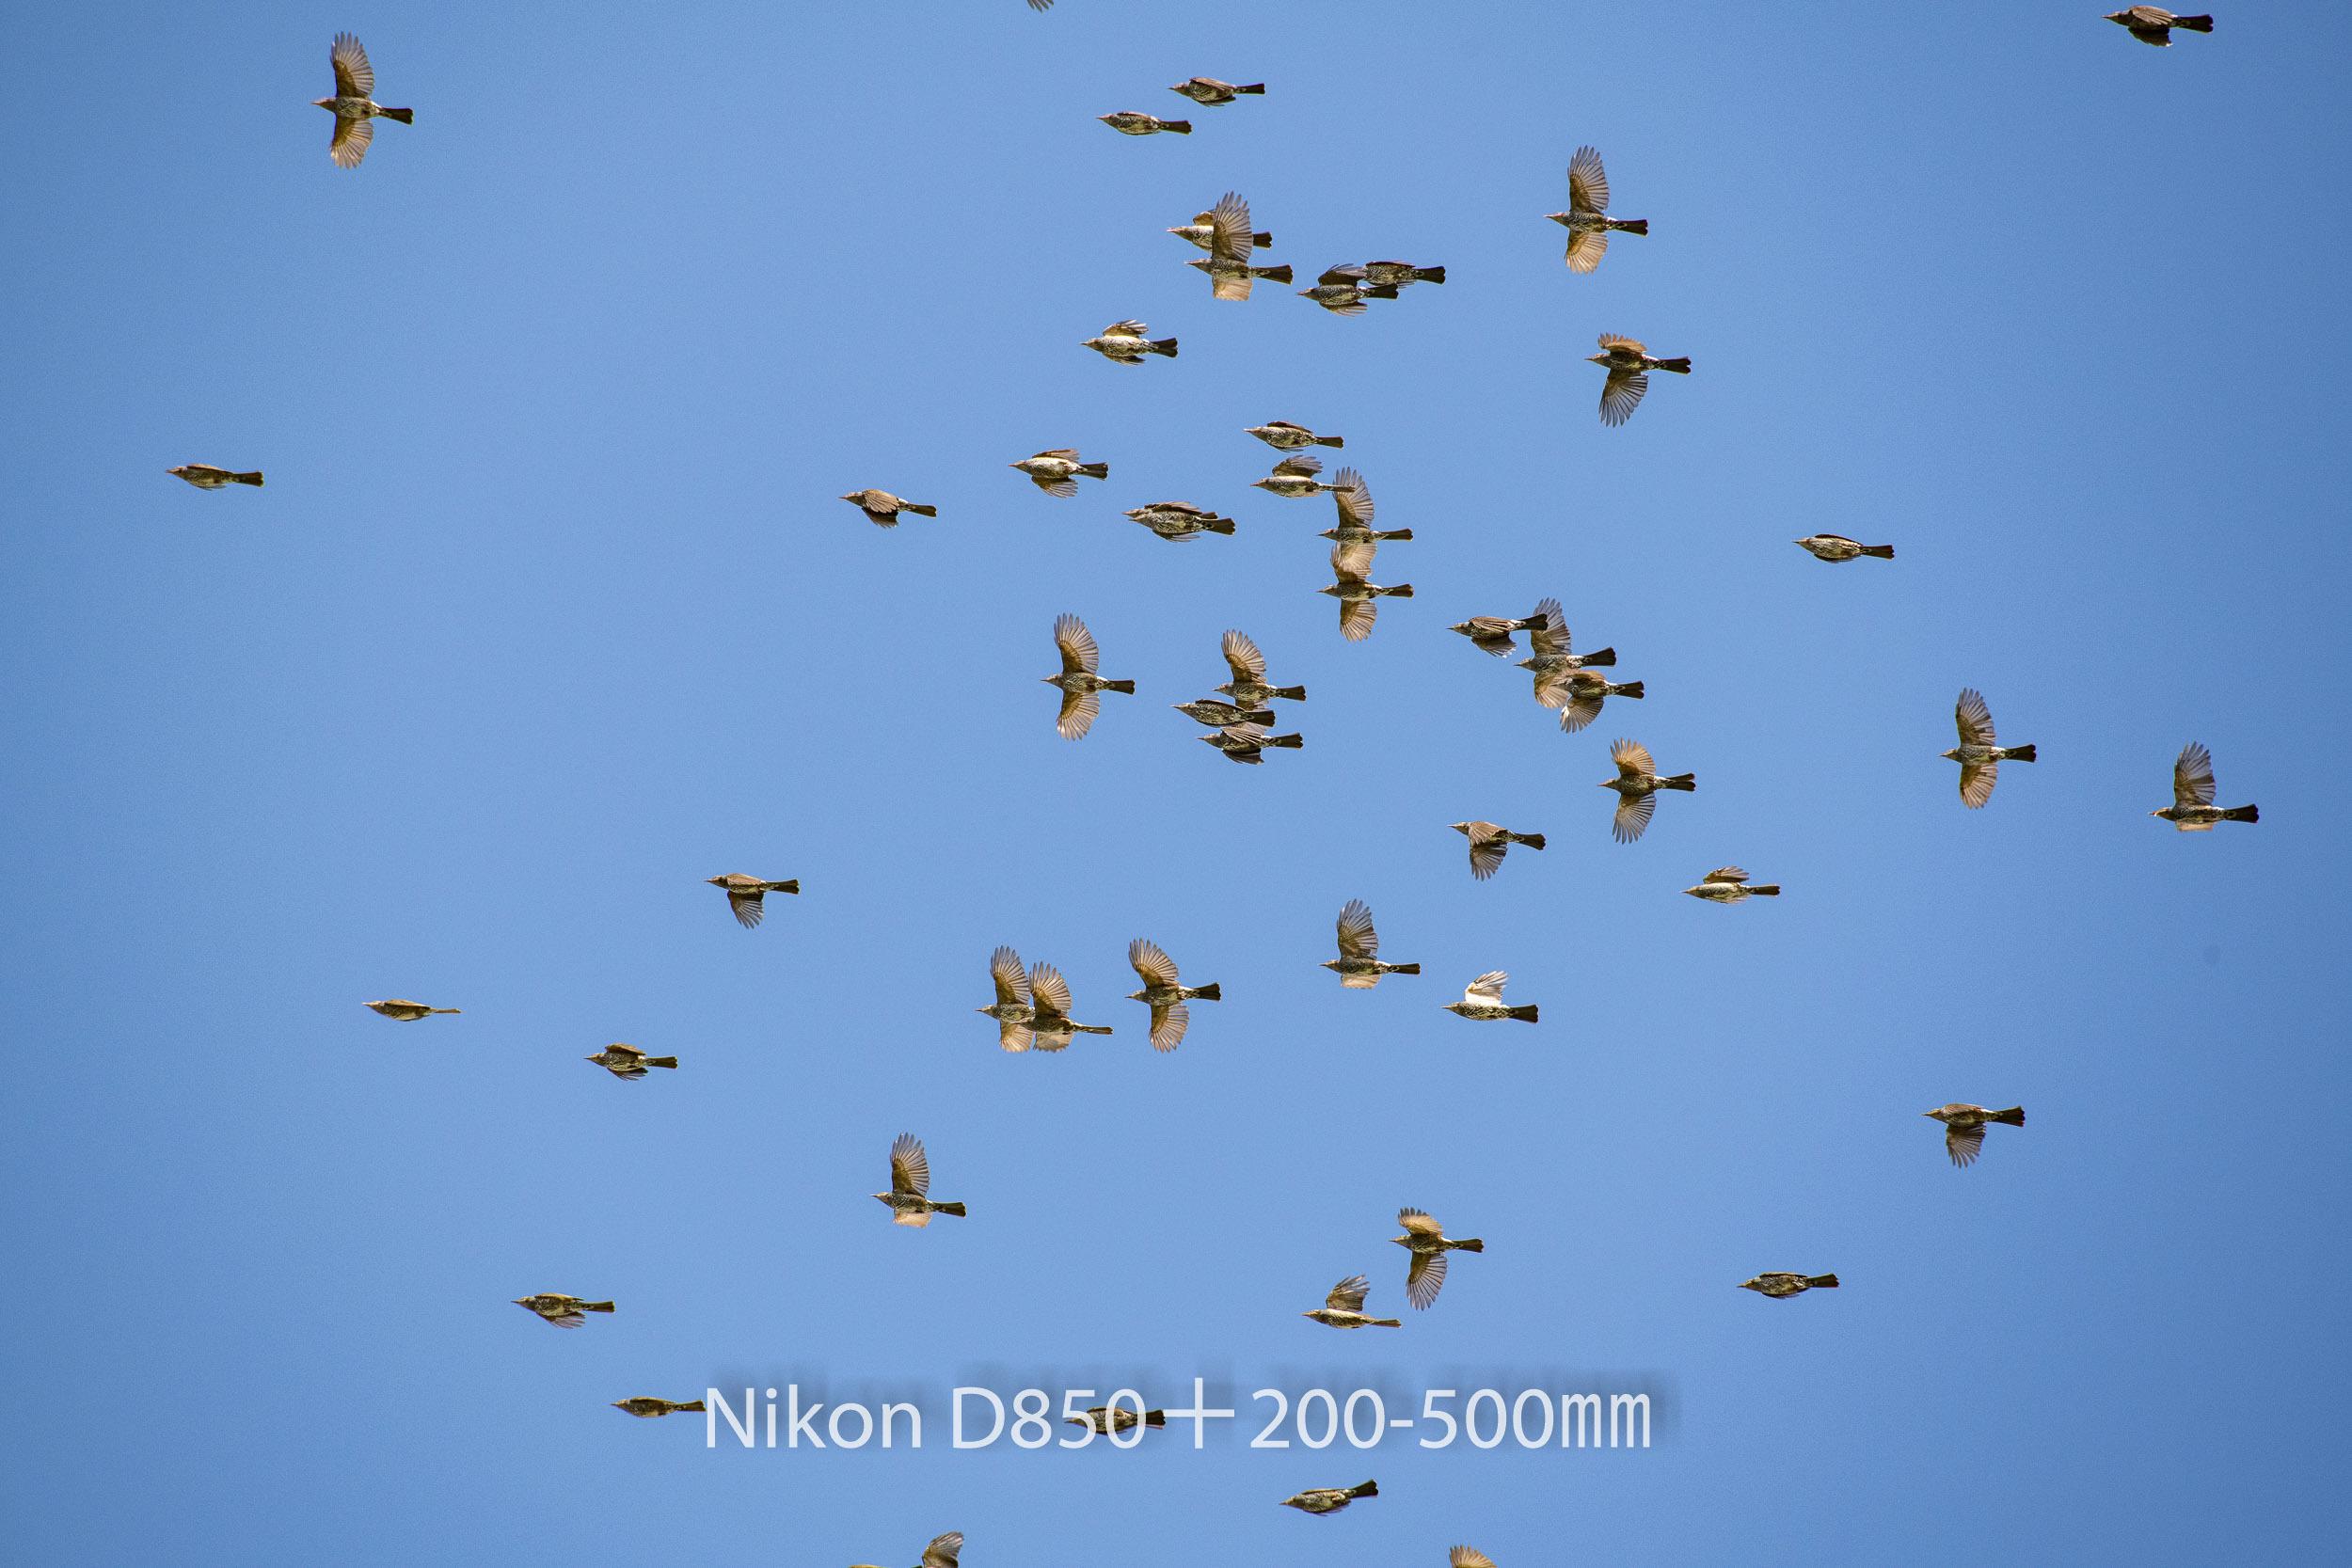 191004 ヒヨドリ集団-16 NIKON D850 ISO 450 500 mm 8256 x 5504